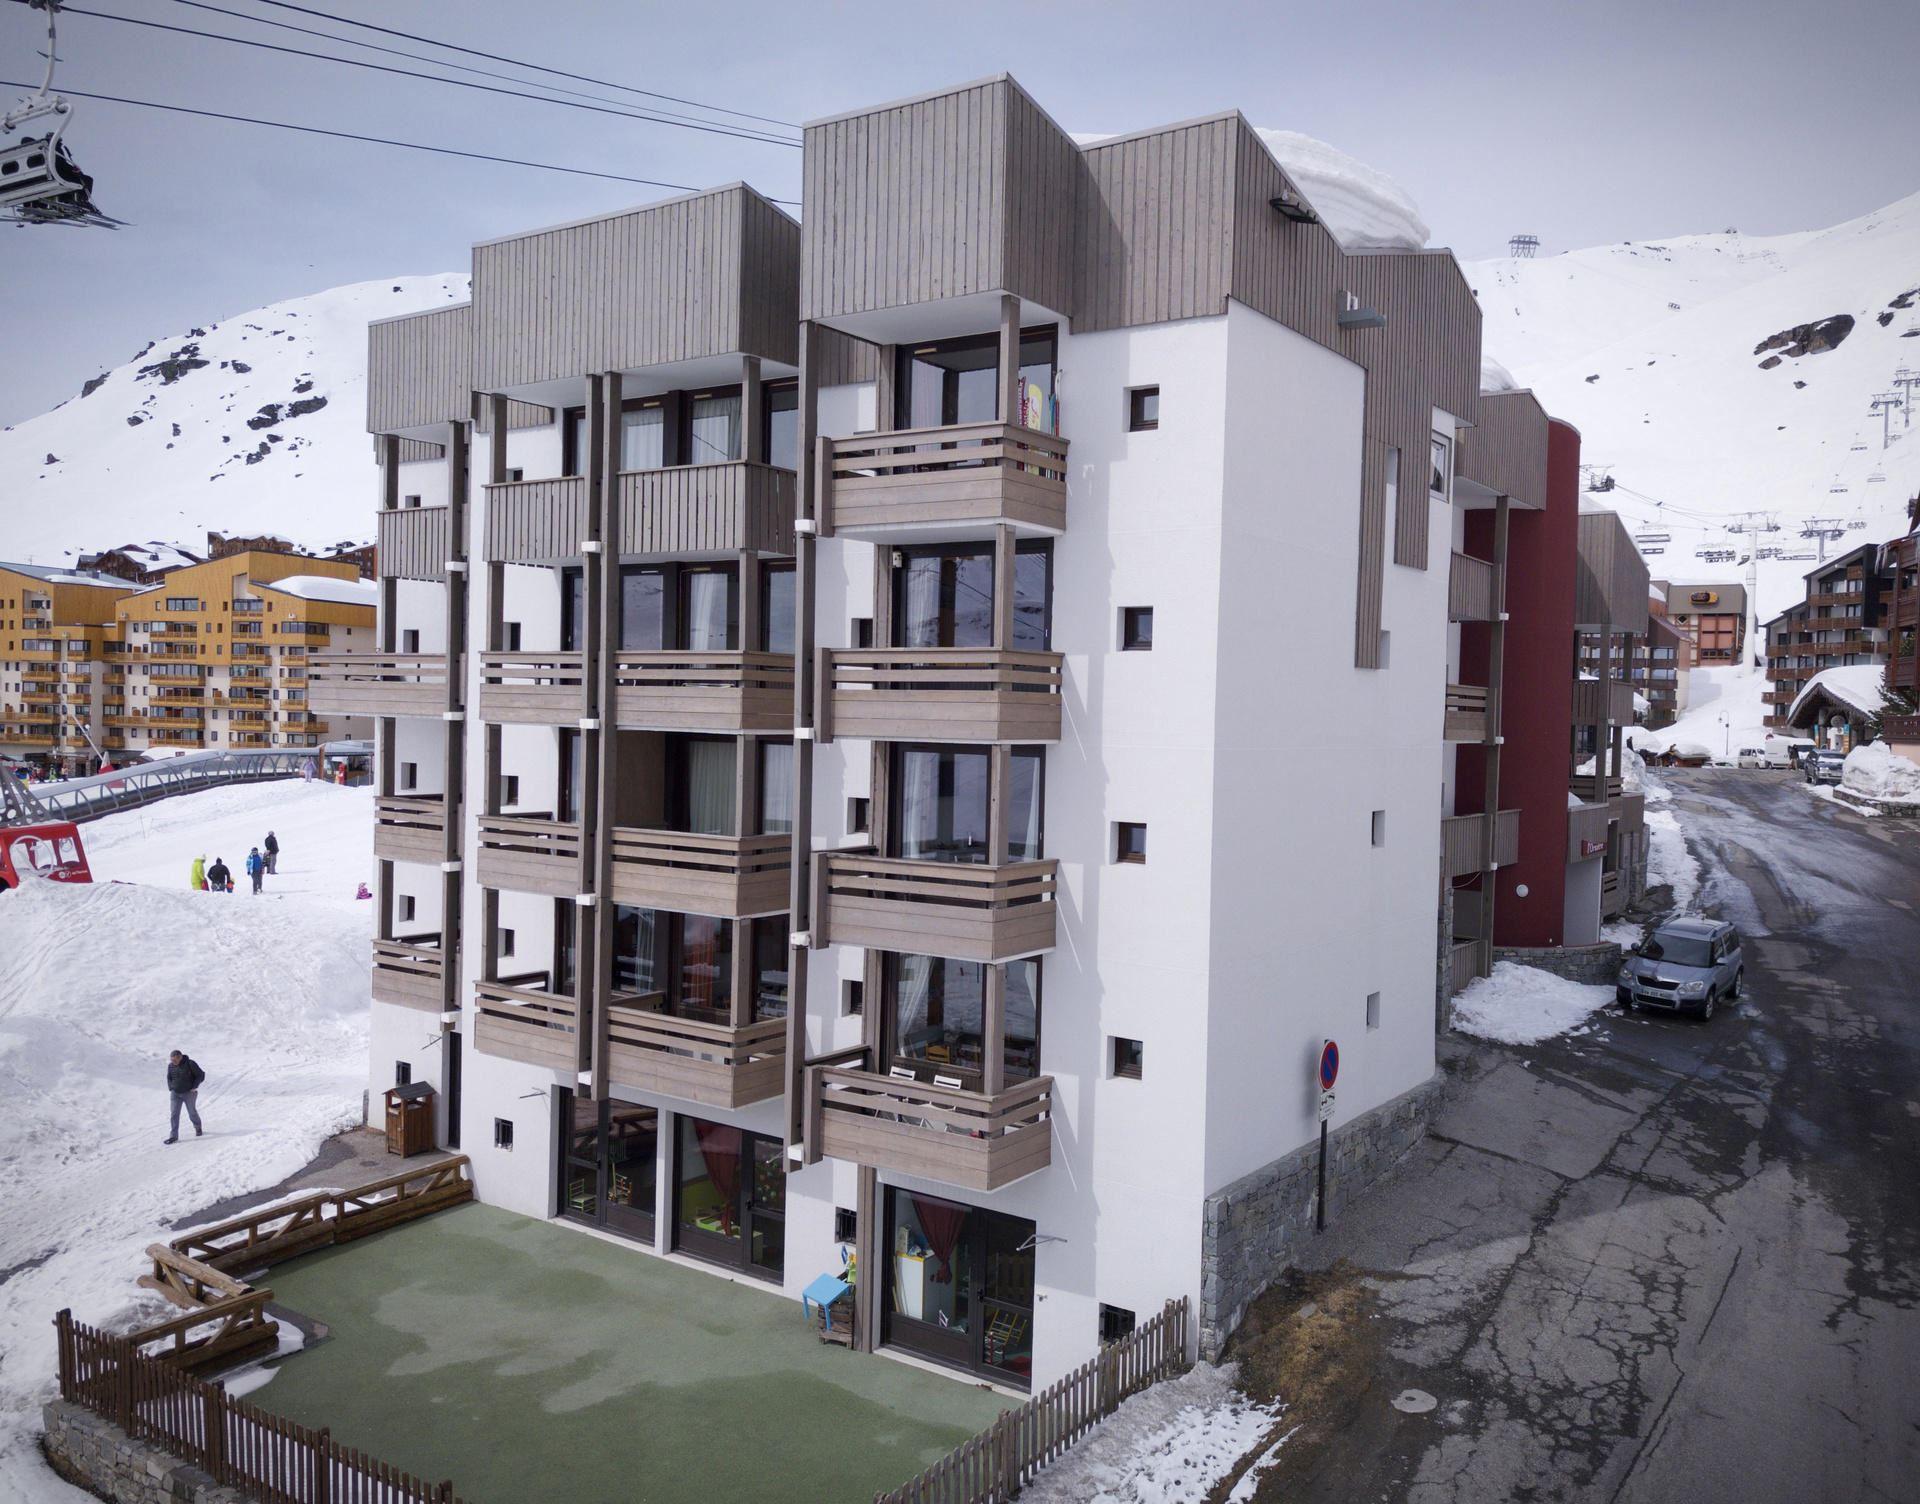 ORCIERE 10 / STUDIO CABIN 4 PERSONS - 1 BRONZE SNOWFLAKE - VTI